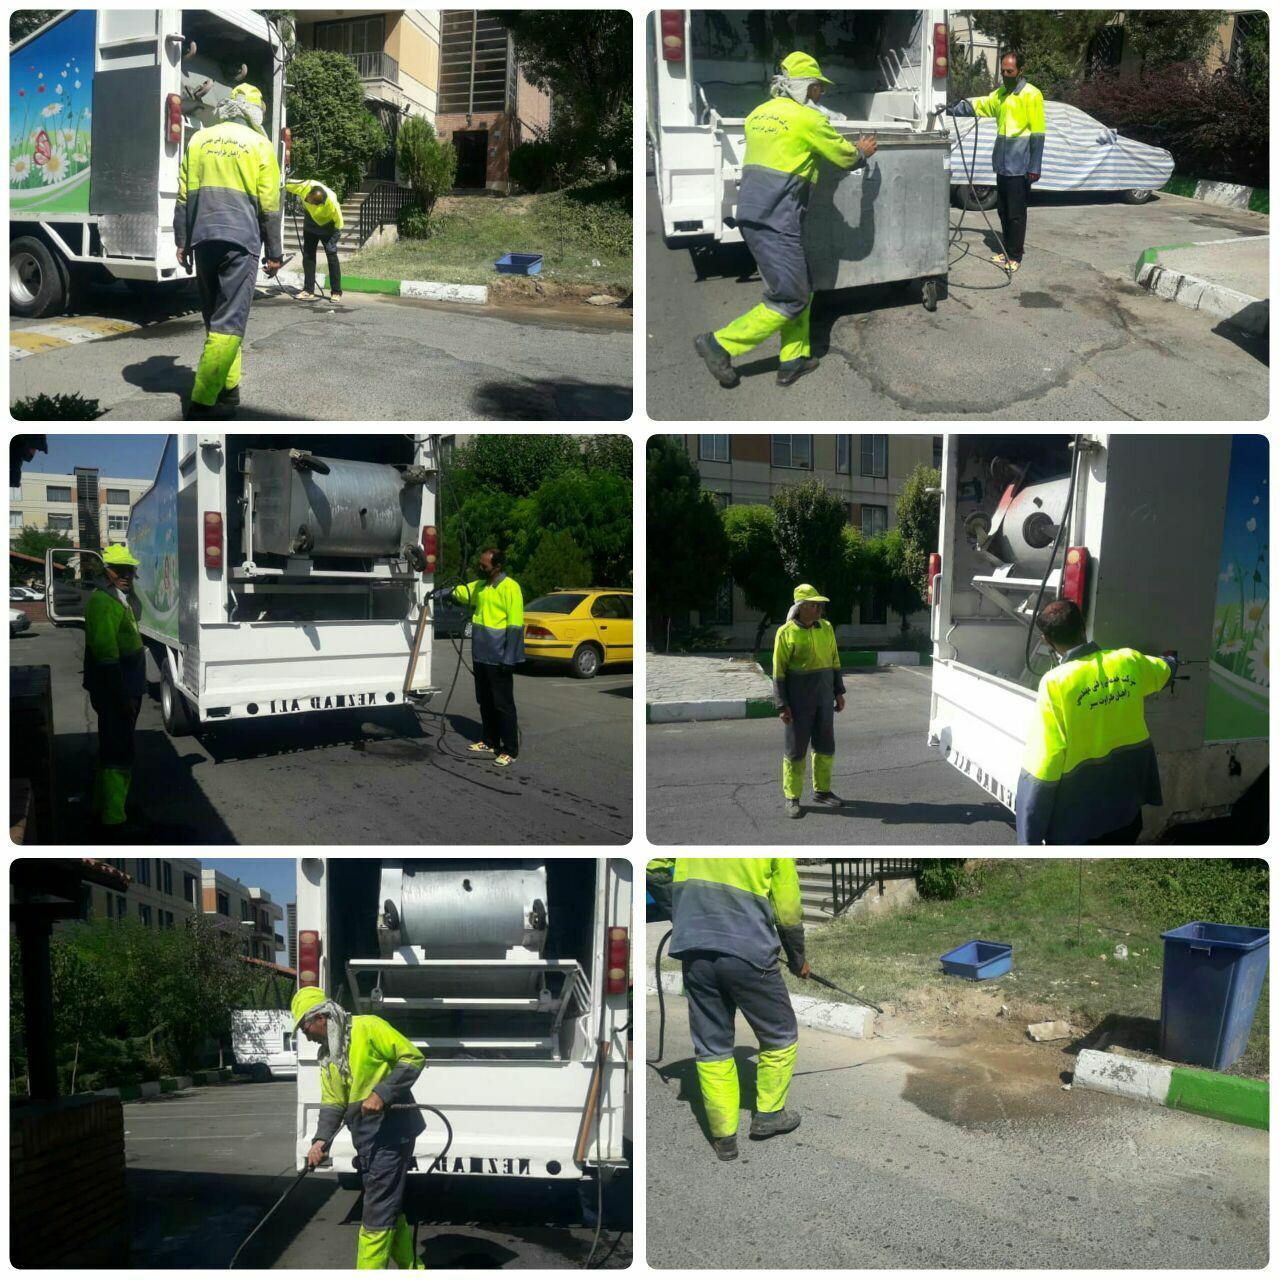 شستشوی مکانیزه باکس های زباله در فاز صفر شهر پرند